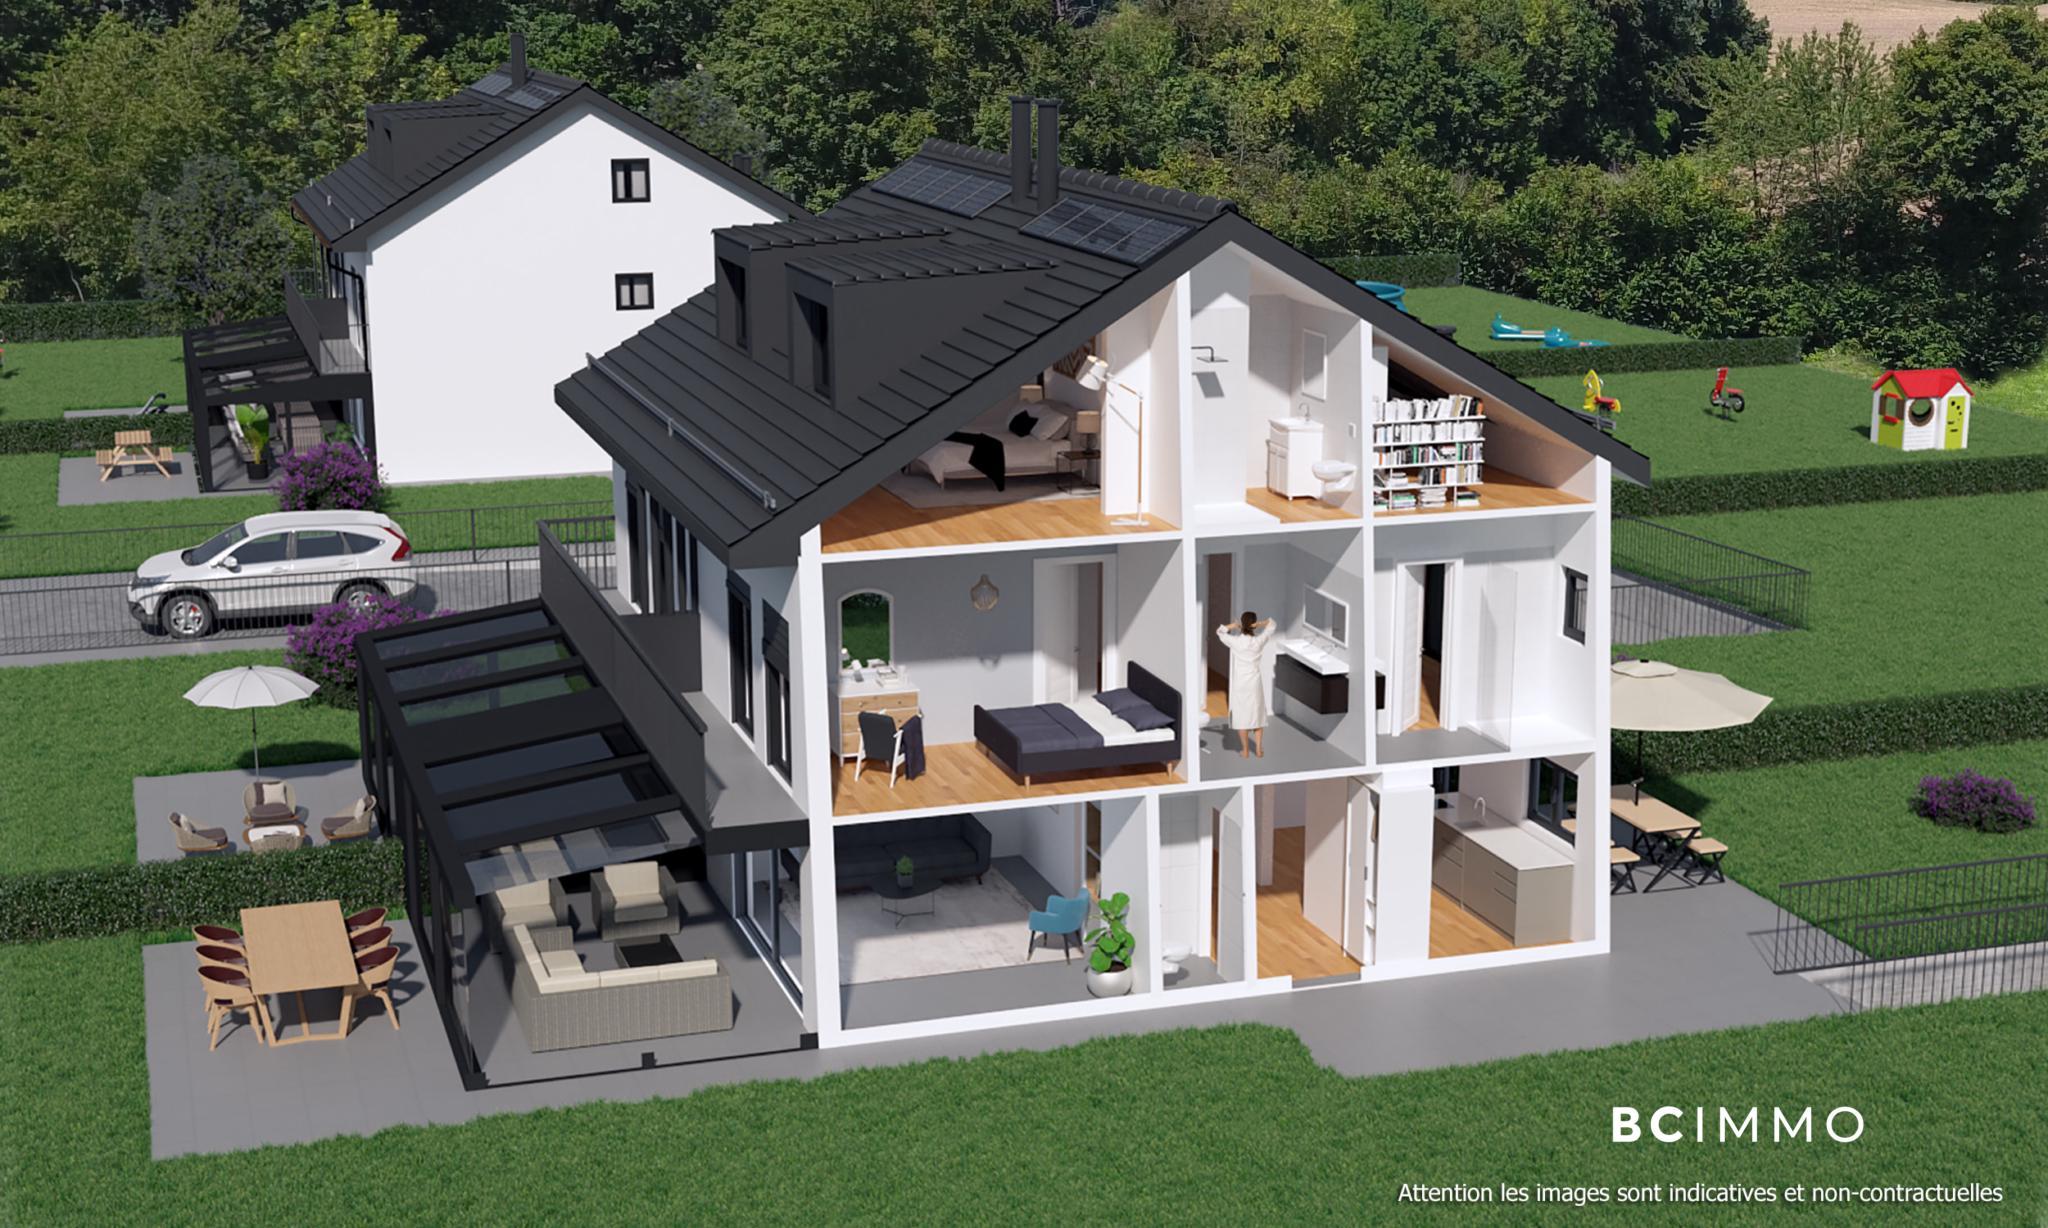 BC Immo - CHANTIER EN COURS - Magnifique projet de villas jumelles avec garage souterrain sur la commune de Jouxtens-Mézery - 1008KG40-2